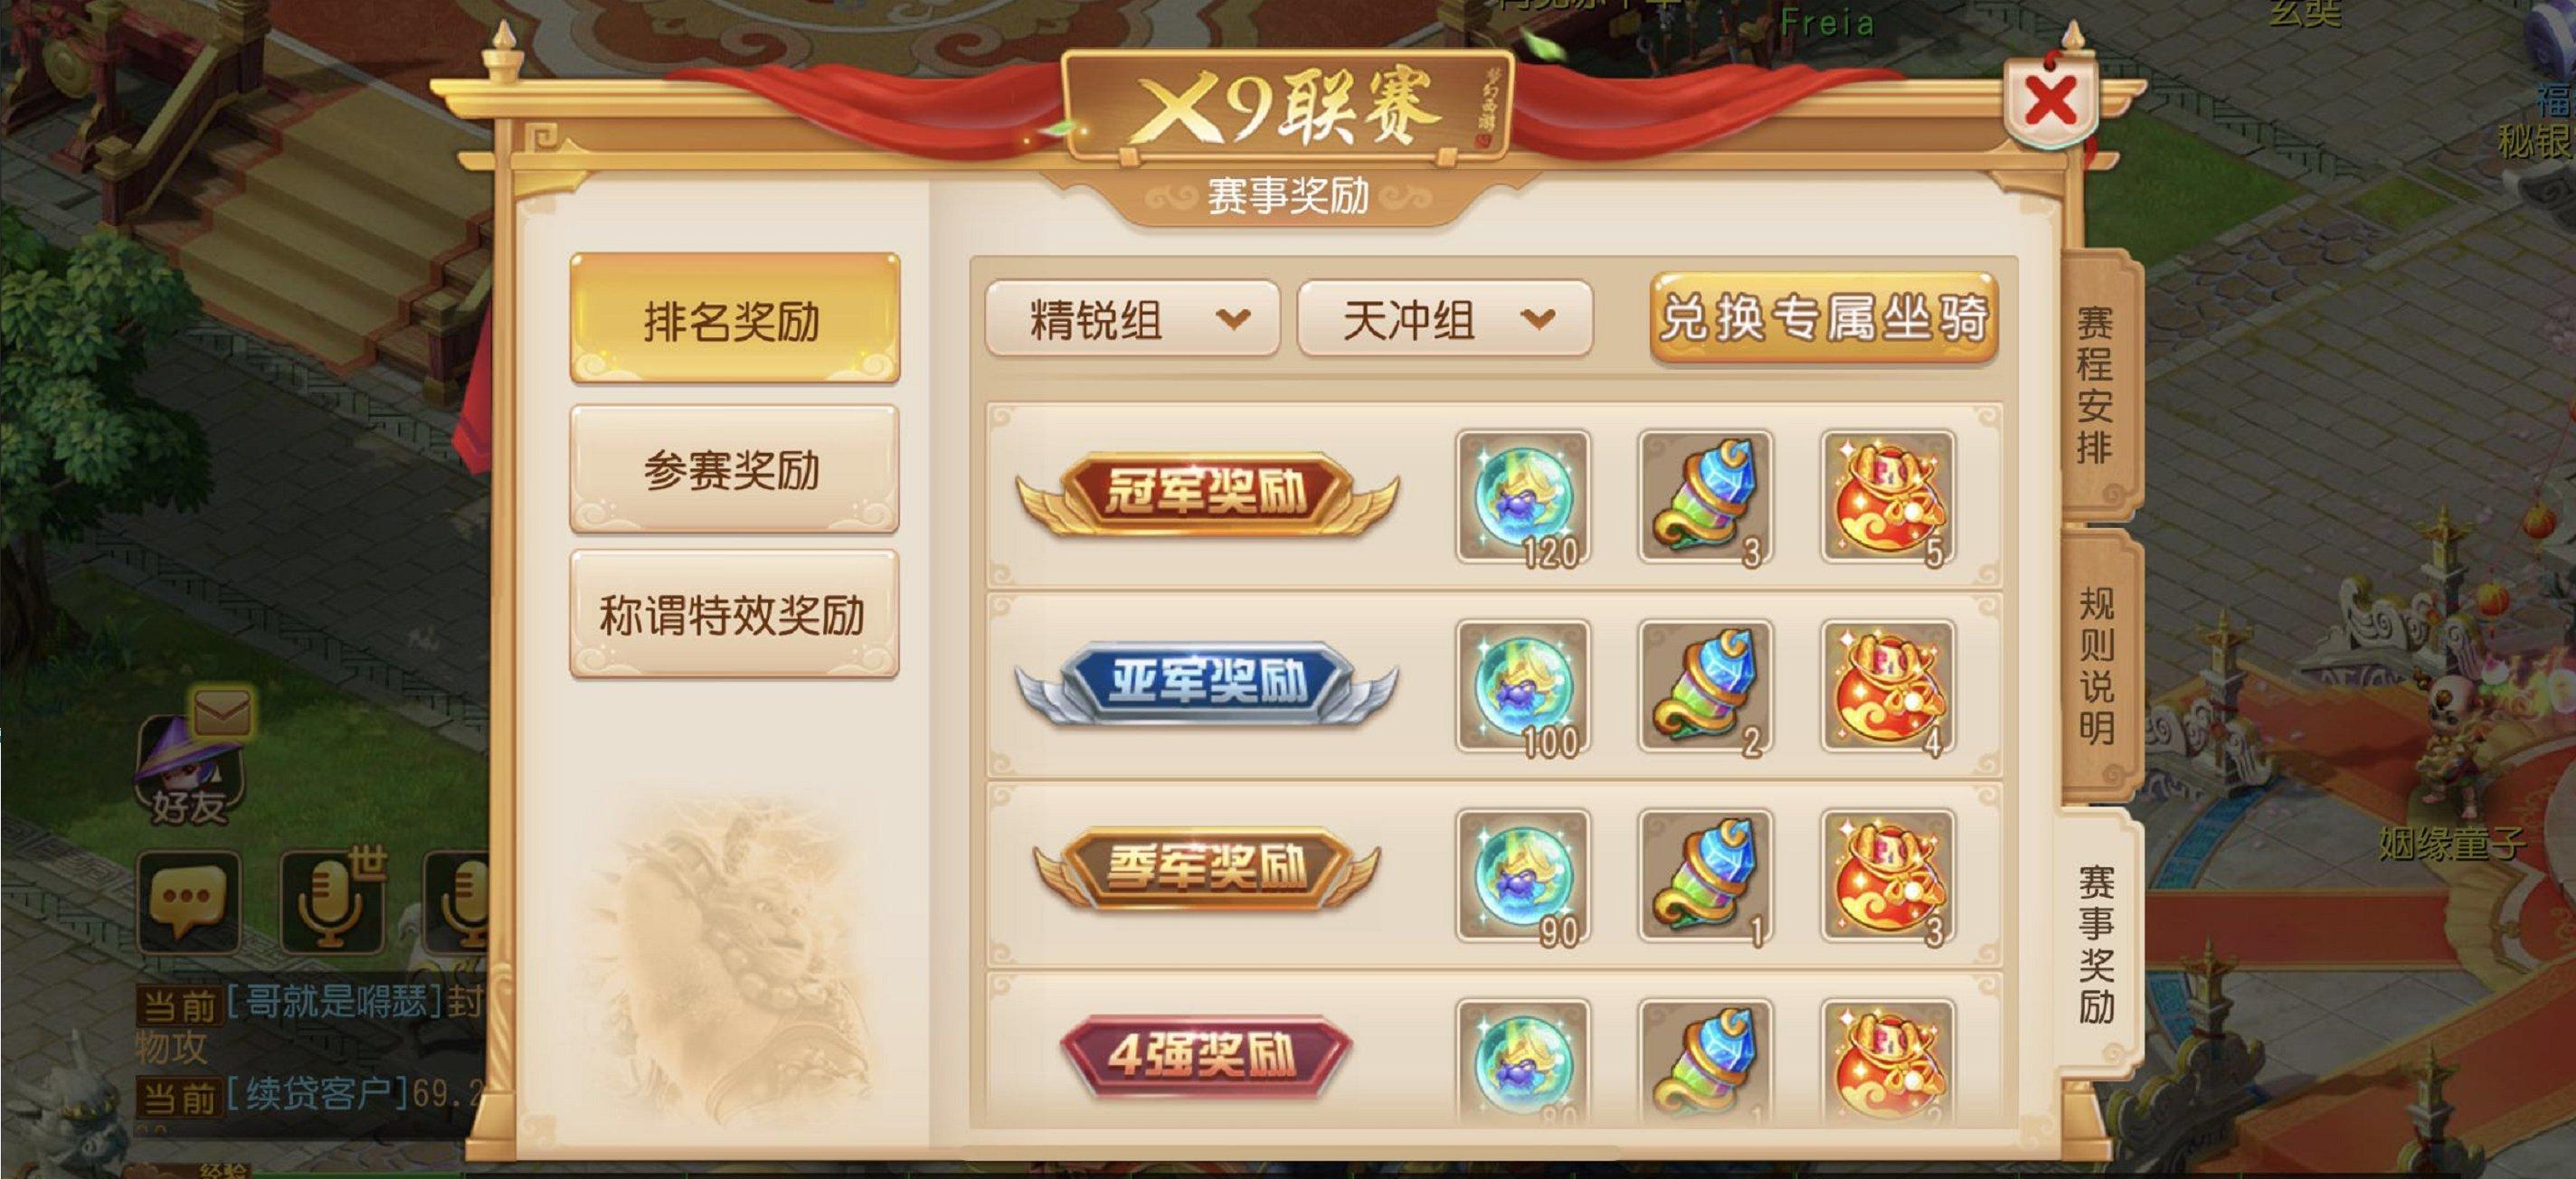 群雄逐鹿,《梦幻西游》手机游戏第13届X9联赛火热报名中!